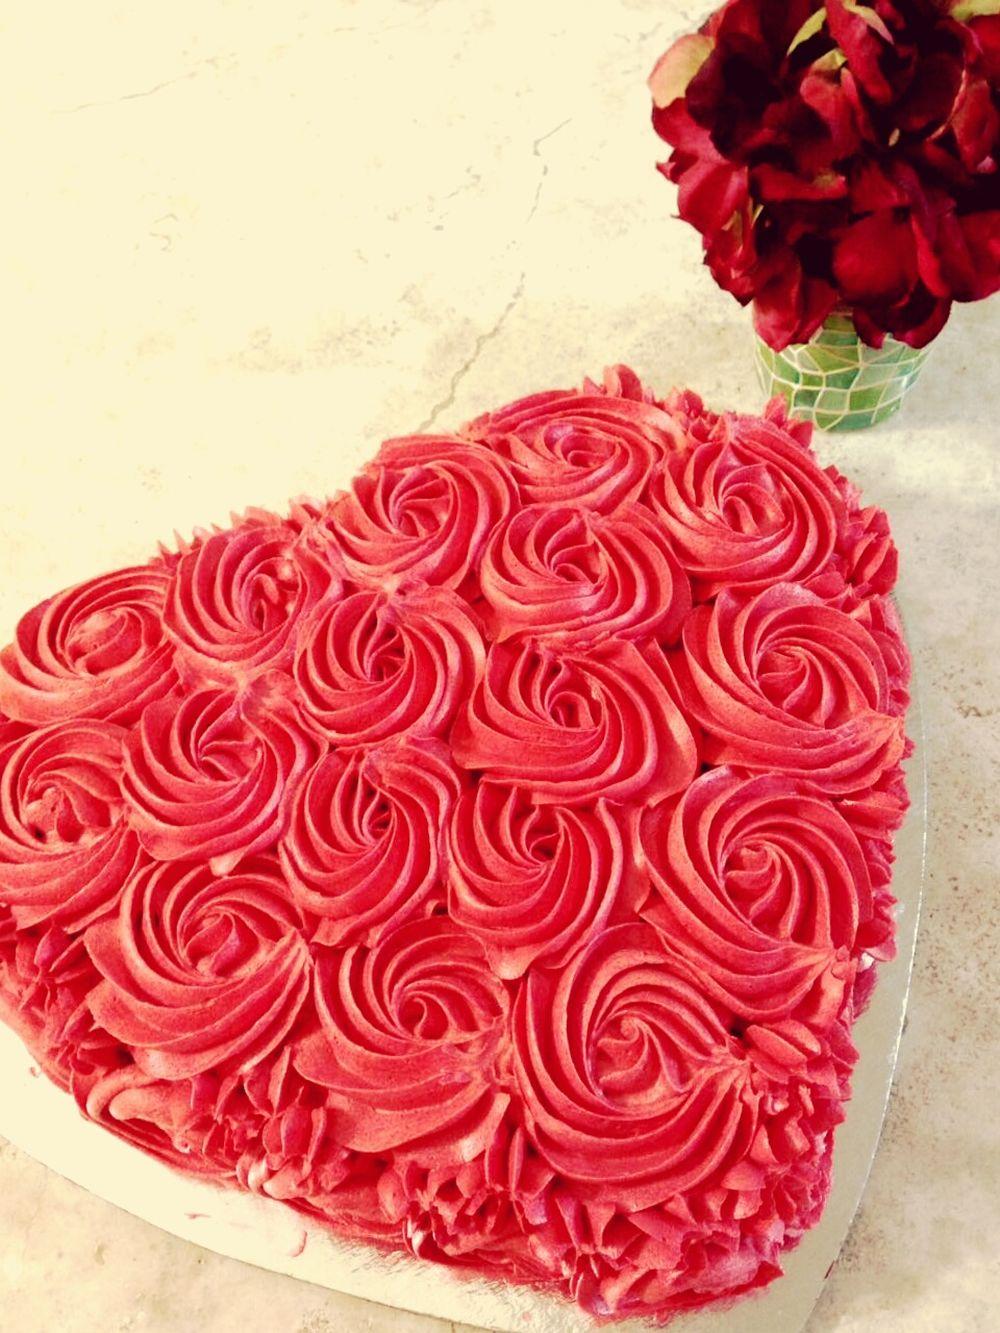 Lovelovelove Red Flower Love♡ Grastronomy Heart ❤ Love ♥ Taking Photos